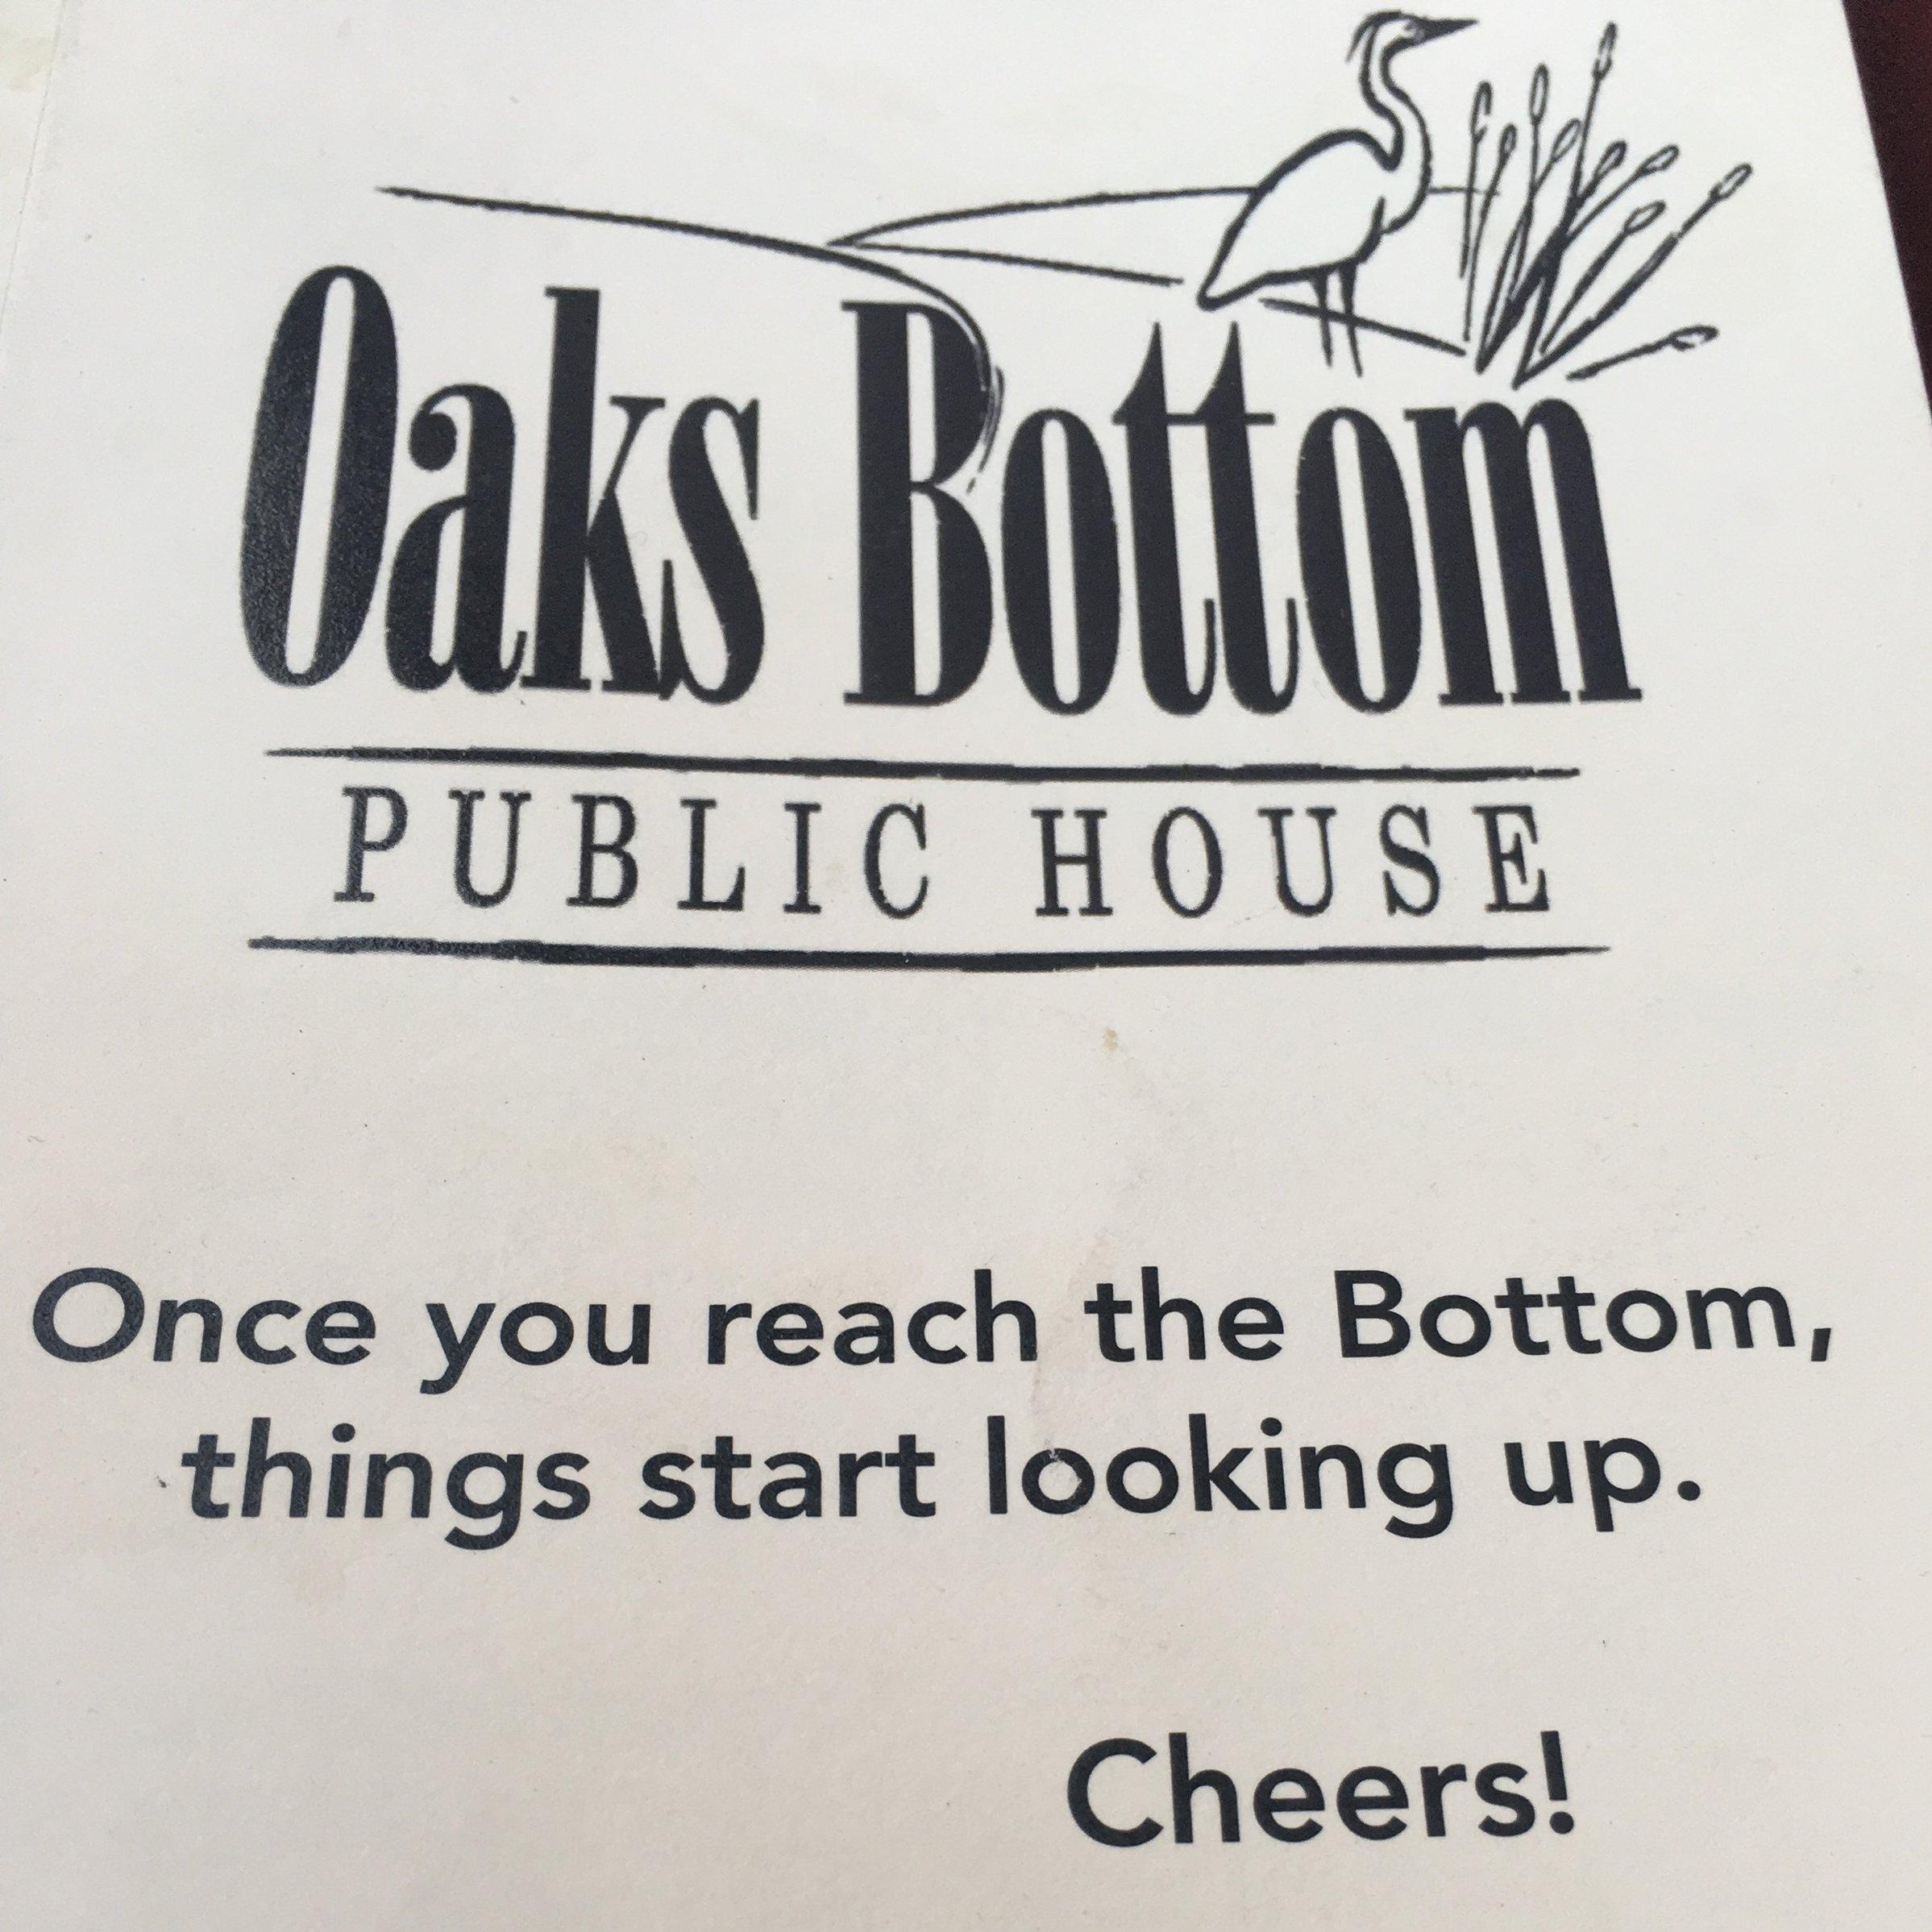 Tru dat, Oaks Bottom.